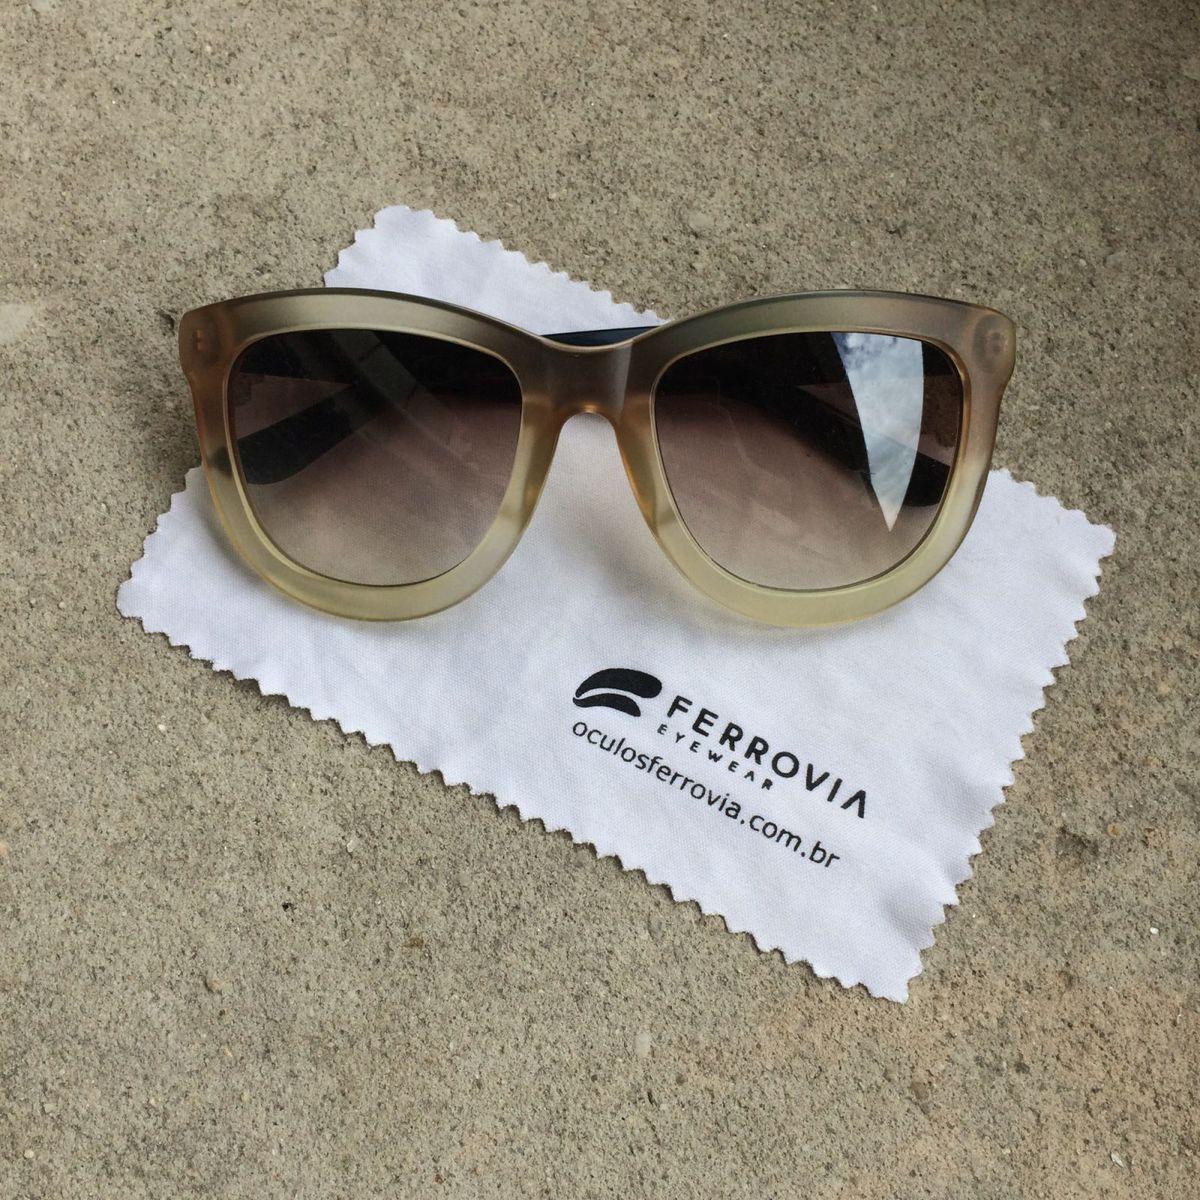 67c90681b2add Óculos Bege Ferrovia